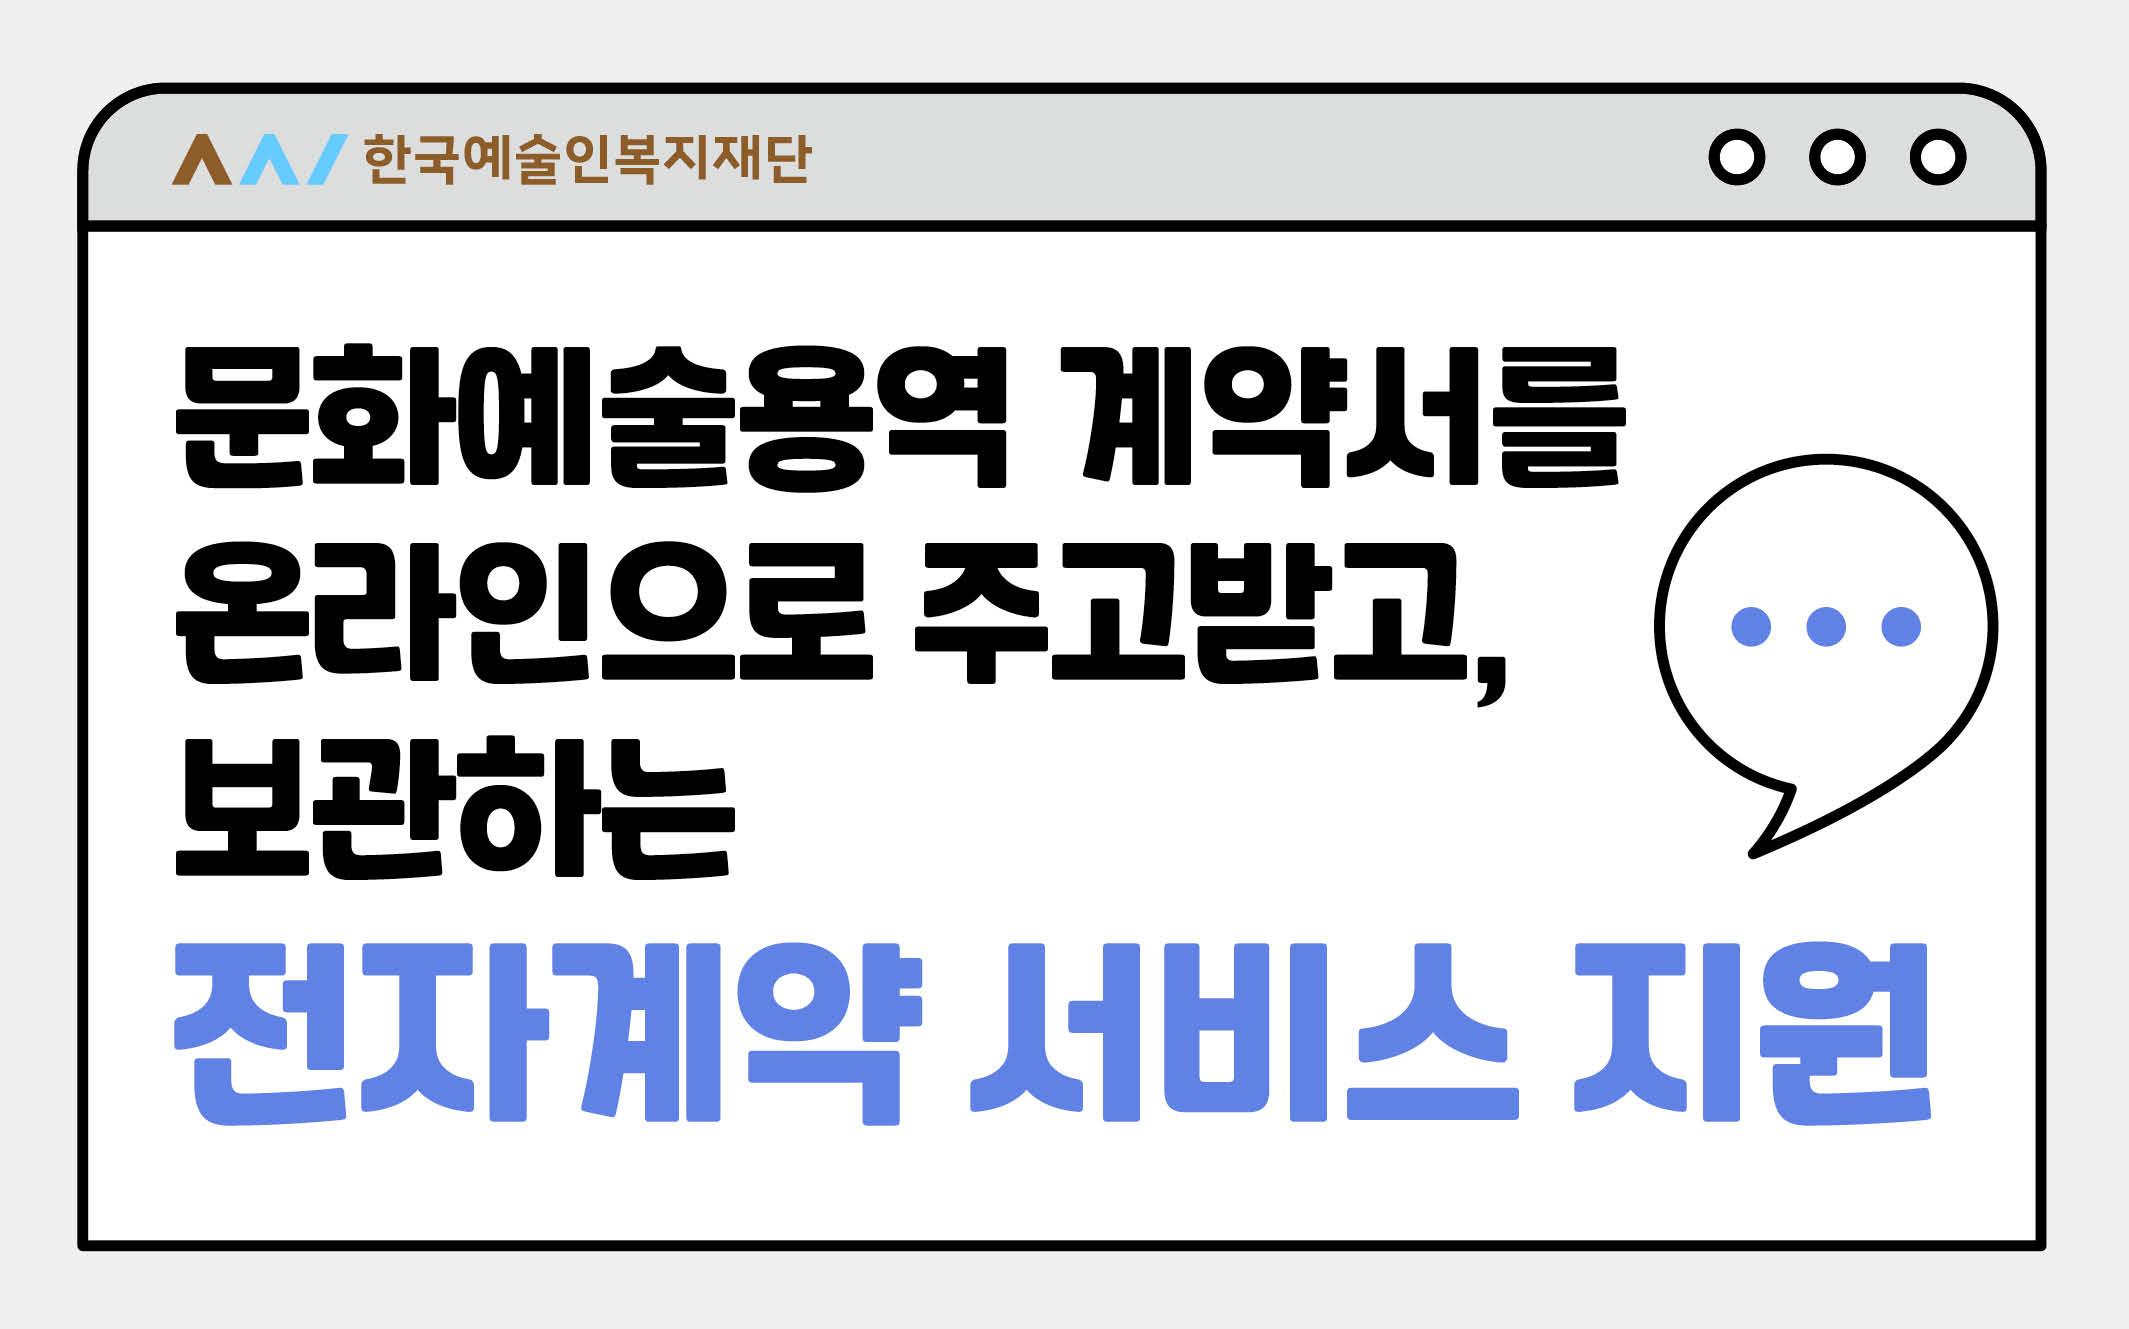 서면계약 정착을 위한 전자계약 체결 서비스이용을 지원합니다 한국예술인복지재단